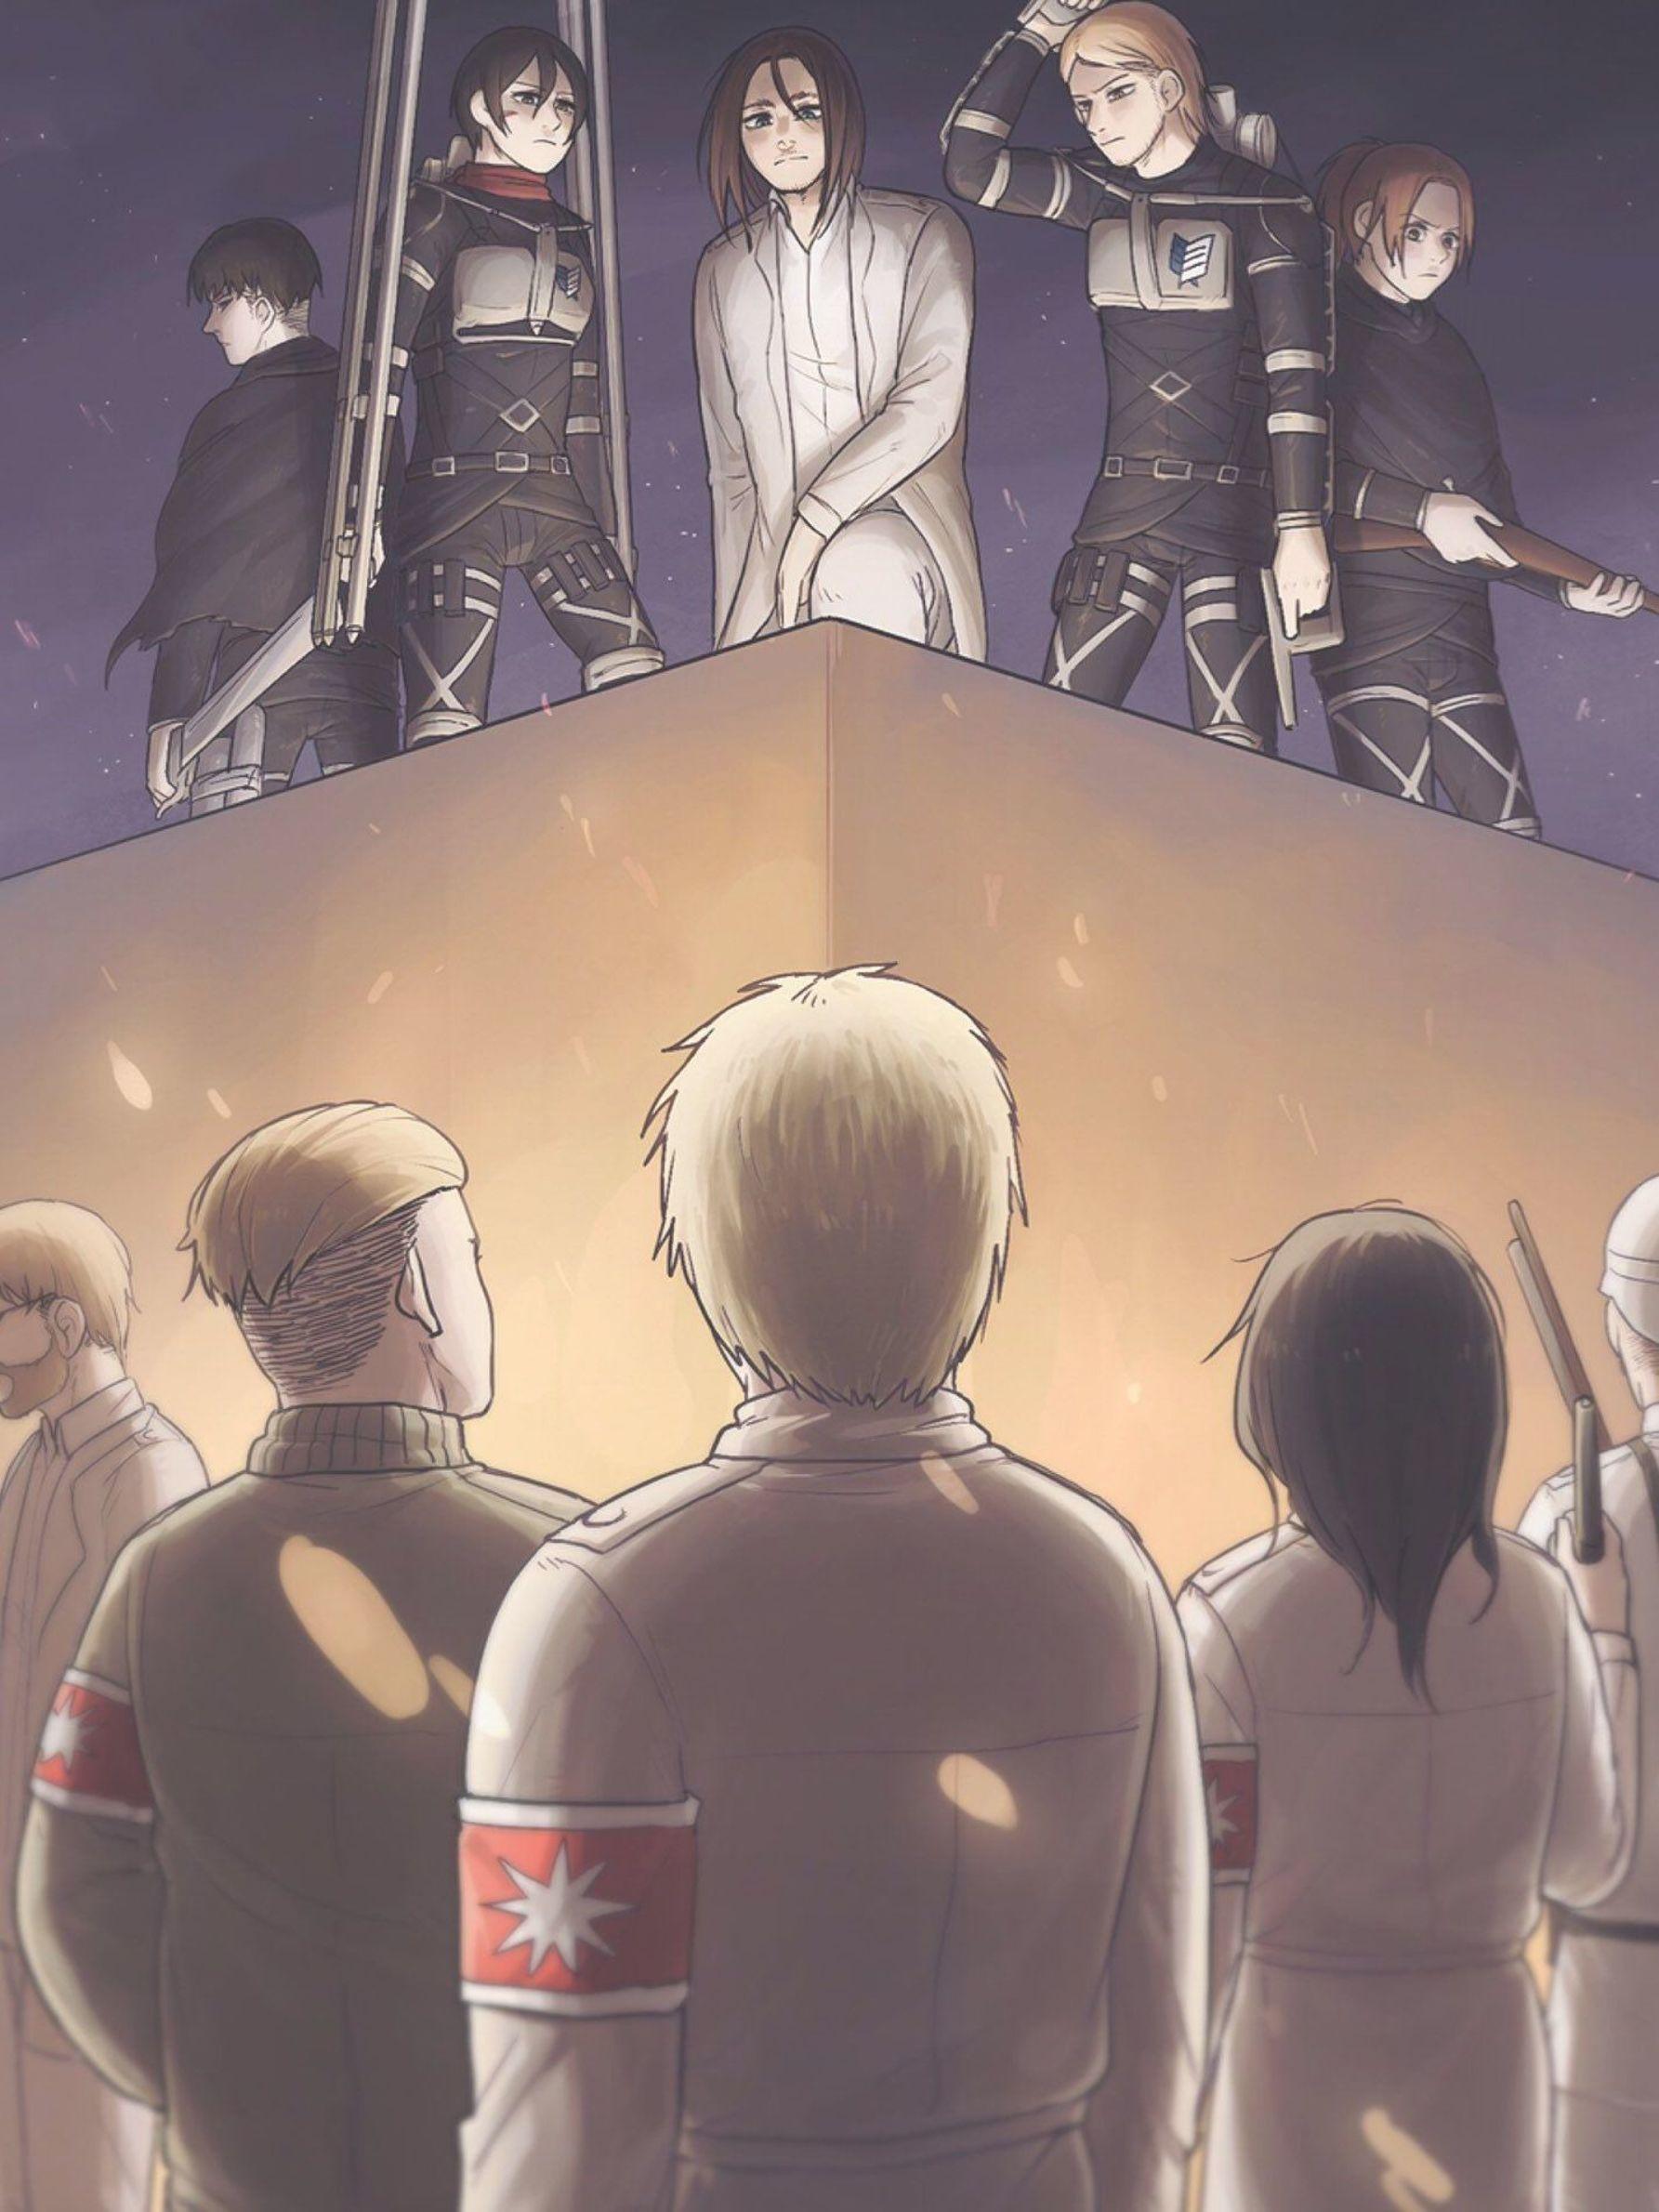 1785x2380 BORA 뽀라 - Attack on Titan Season 4. Attack on titan season, Anime, Attack on titan